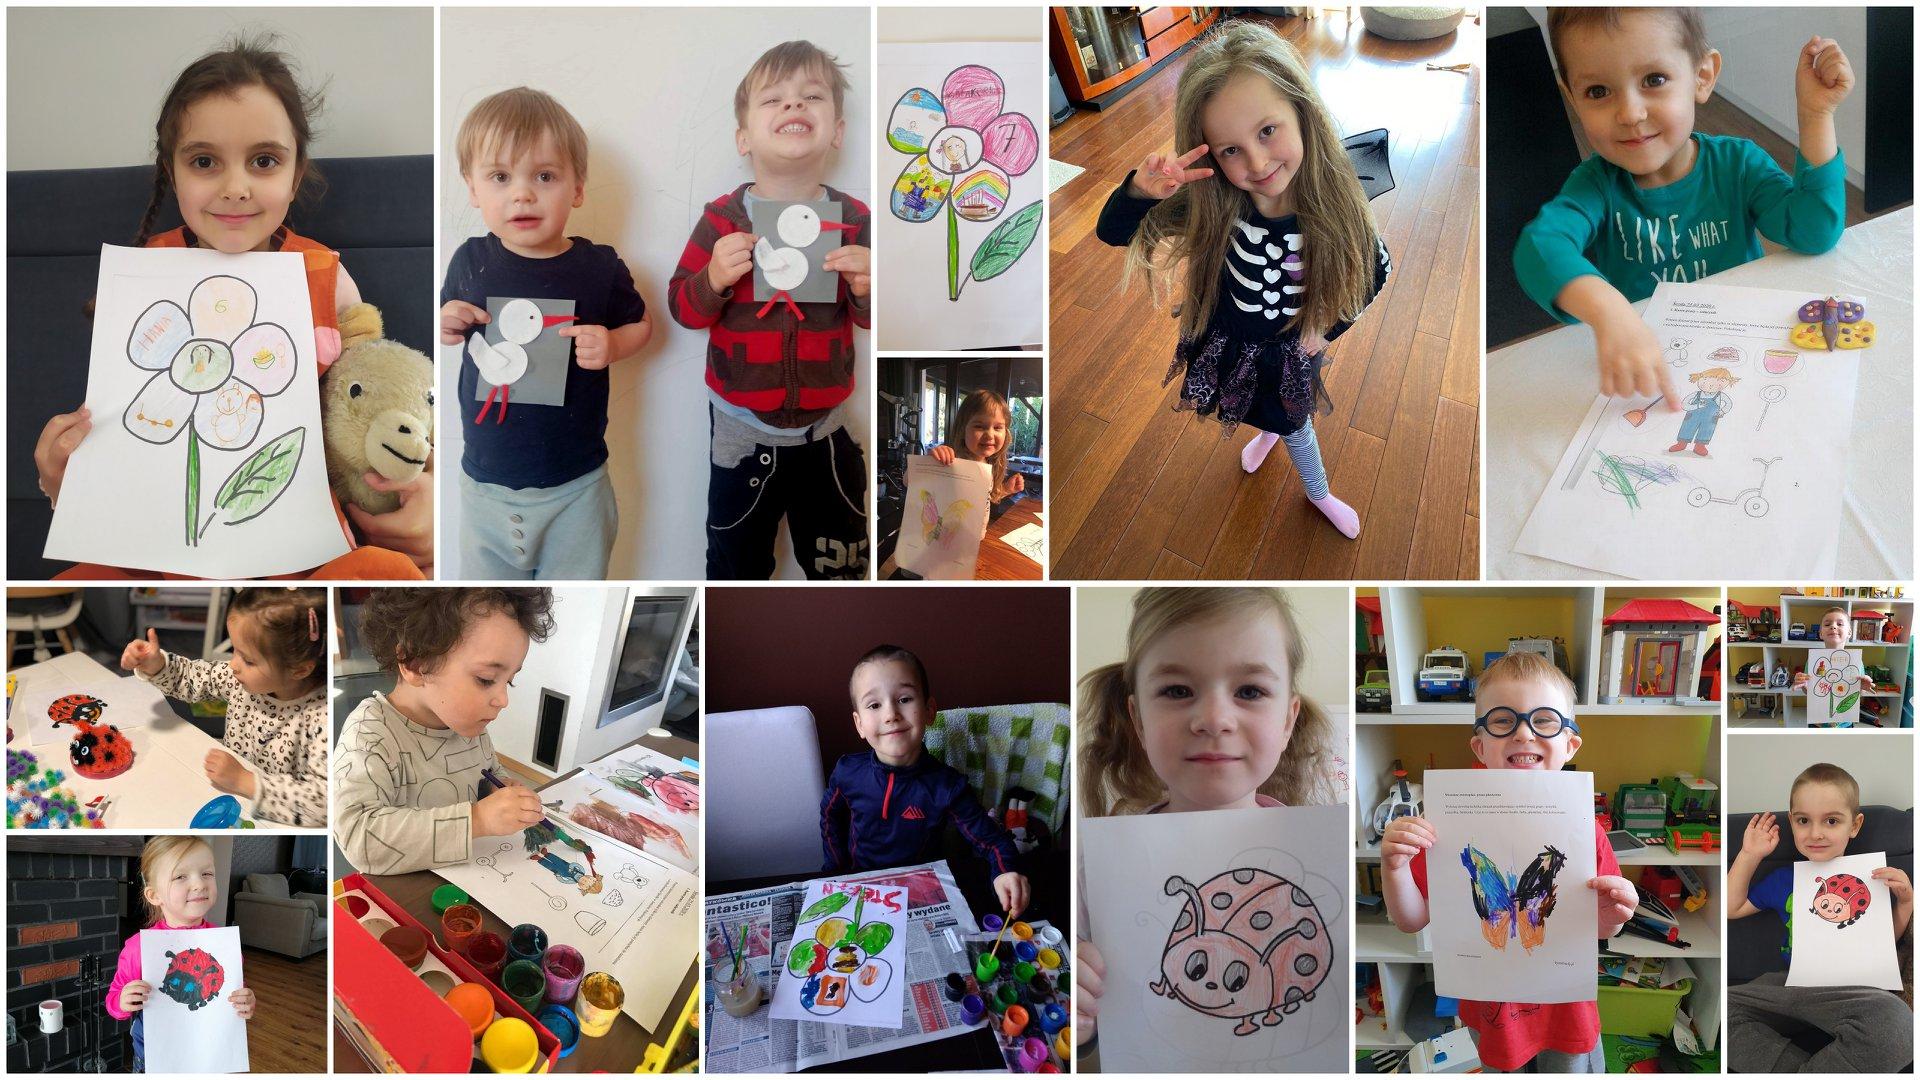 Na kolażu z 14 zdjęć znajdują się dzieci prezentujące wykonane przez siebie prace plastyczne. Są wśród nich kwiatki, bociany, biedronki, motyle i ogrodnicy.